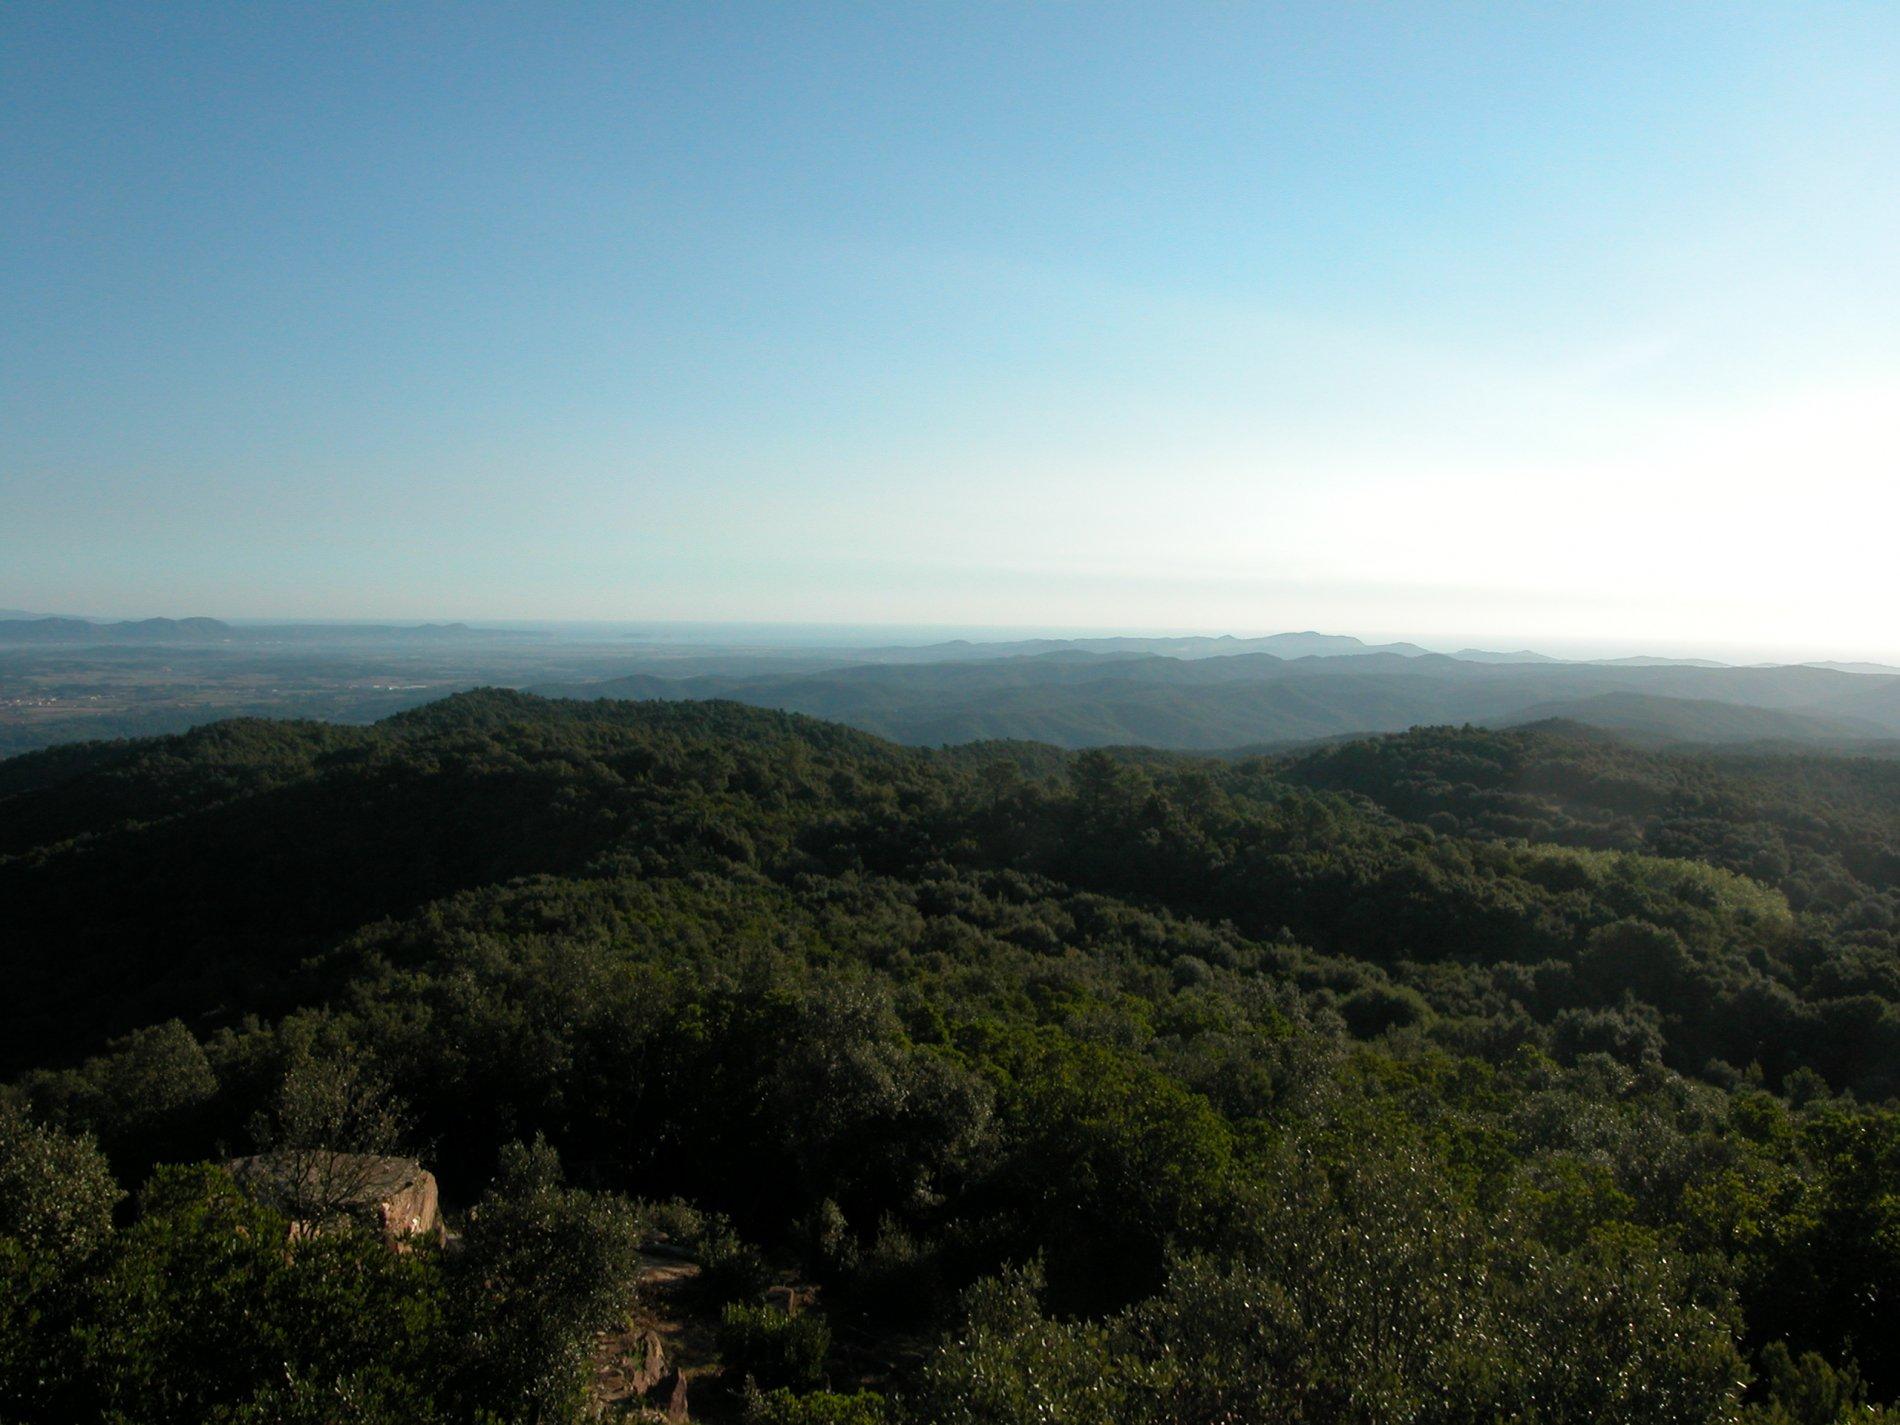 El Puig d'Arques és un dels cims més alts de les Gavarres i, per tant, ofereix unes vistes espectaculrs. Des de d'alt de la torre de guaita es pot veure com les Gavarres arriben a la plana. A la part inferior de la imatge veiem el dolmen del Puig d'Arques, avui dia restaurat.